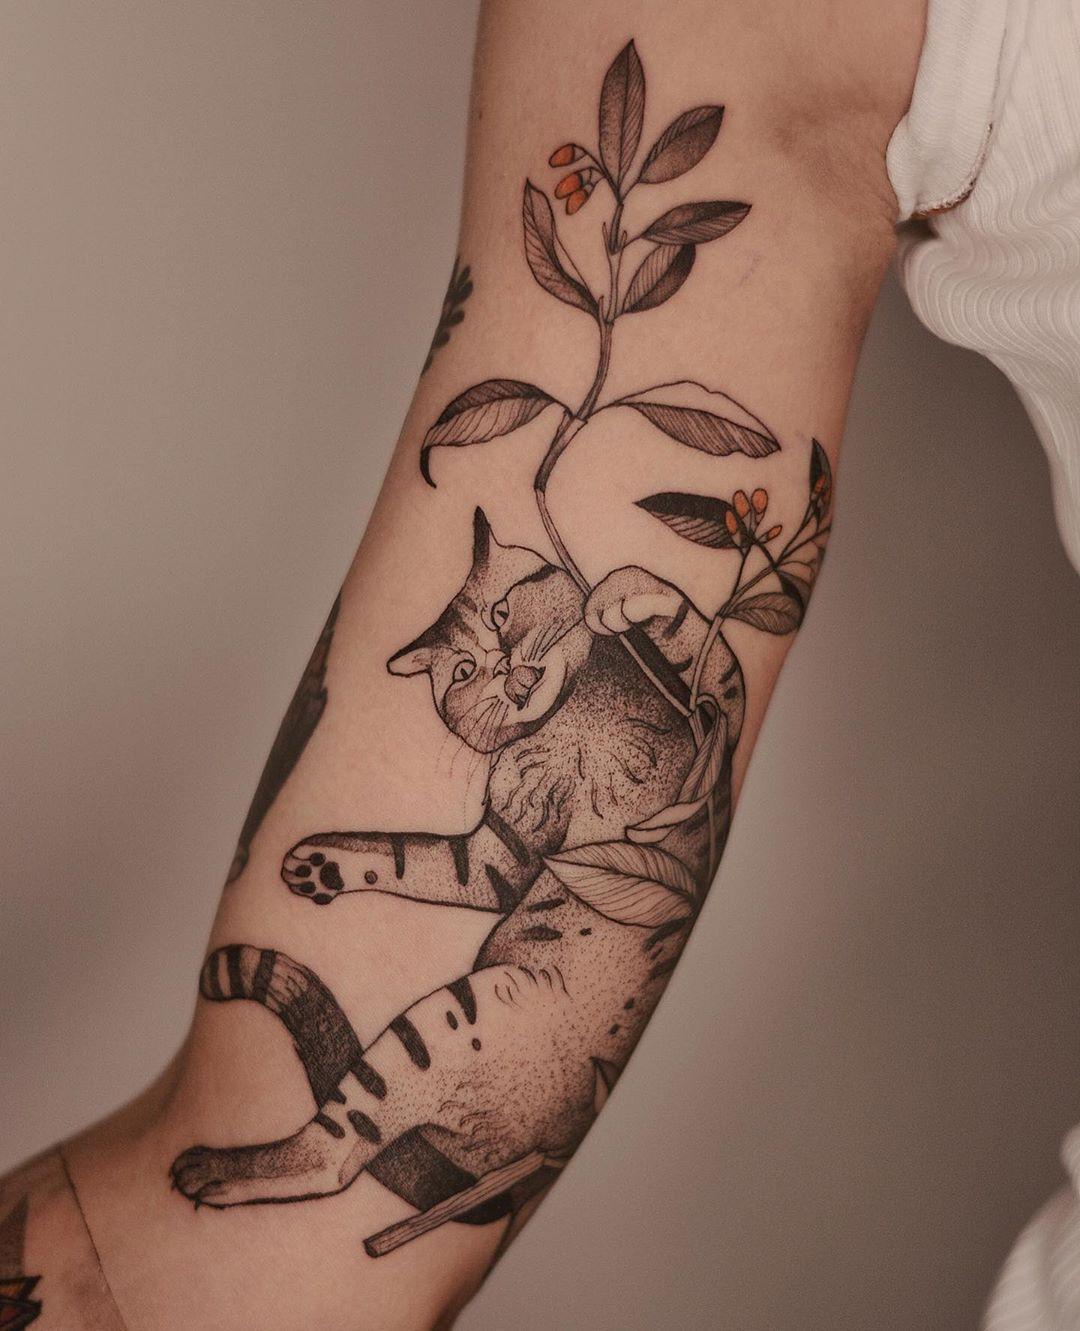 """Dzo Lamka - Tattoo Majster on Instagram: """"Cat, long time no see 🙌😸 @nasza_tattoo_shop #cattattoos #dzolama #planttattoo #wroclaw #polandtattoos #animaltattoos"""""""